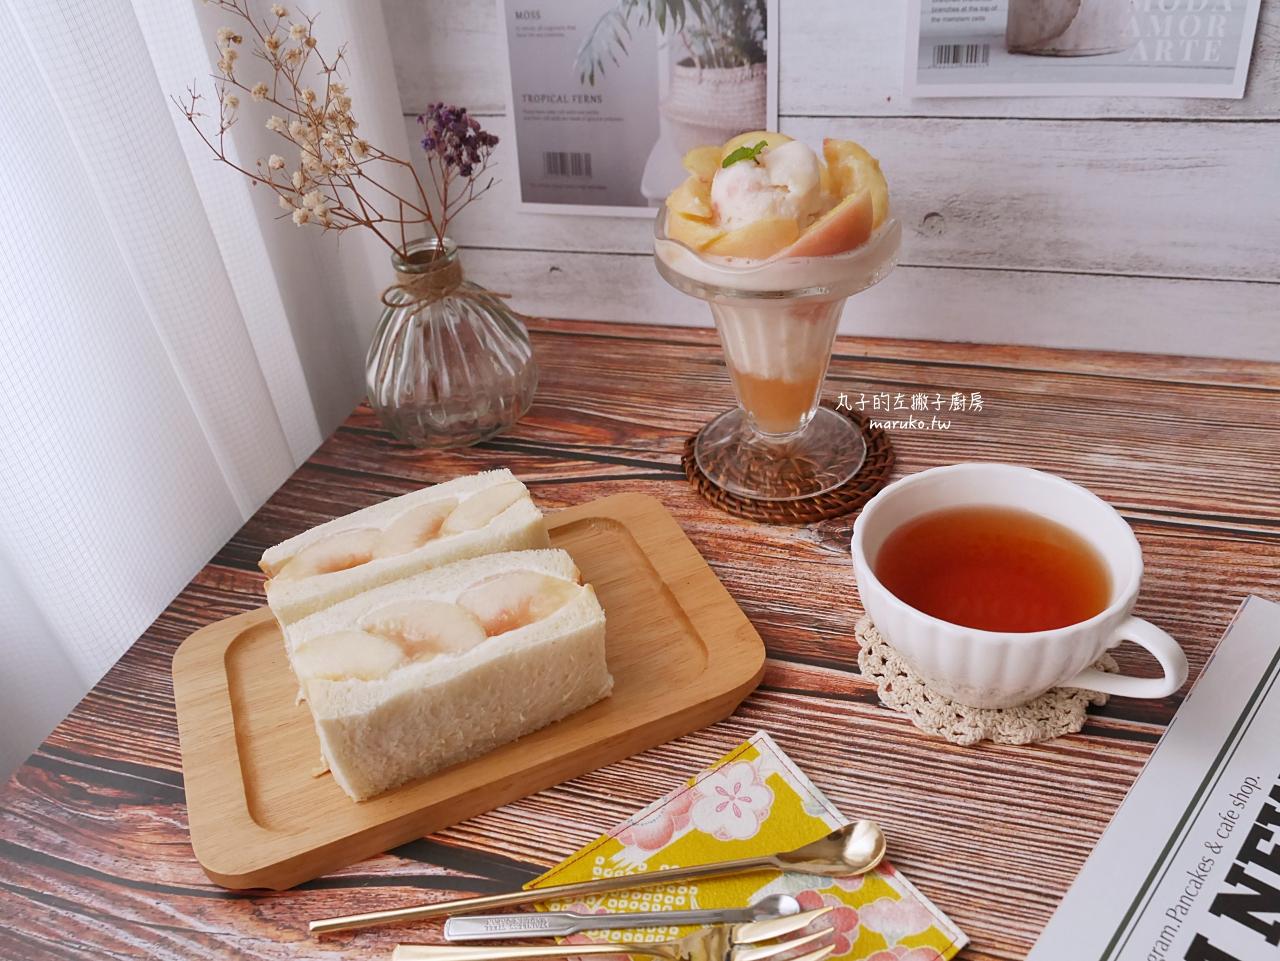 【香港上環】川善茶居|抹茶控必訪隱身在上環大樓內中國風抹茶甜點店 @Maruko與美食有個約會